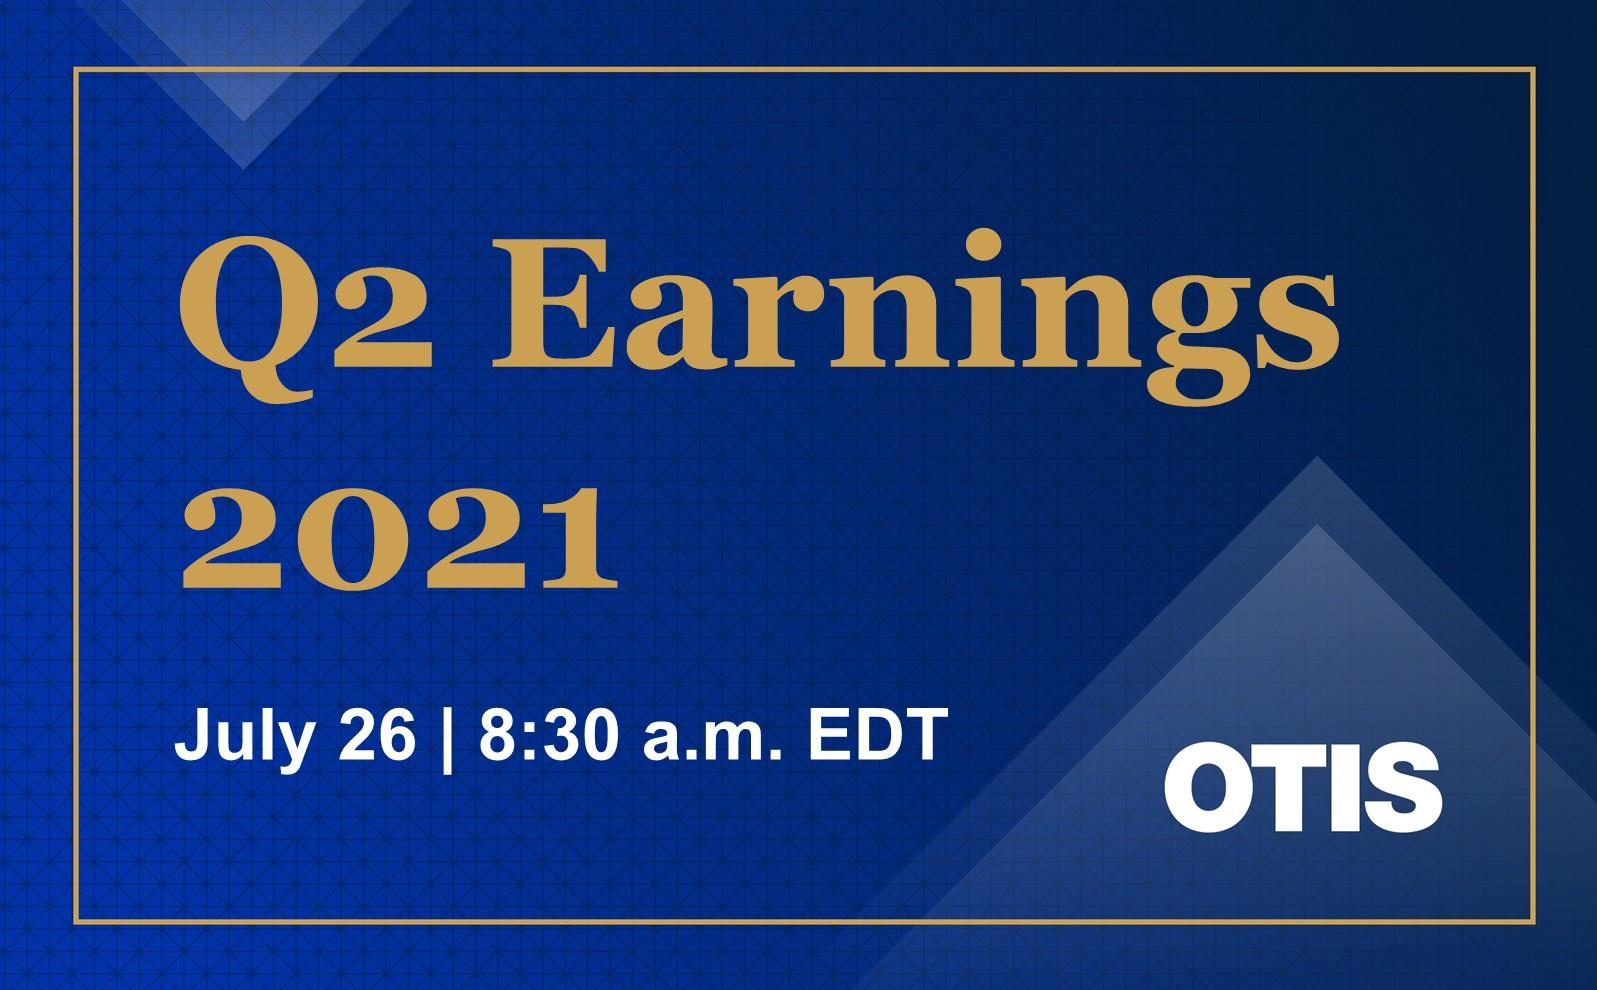 Otis Second Quarter 2021 Earnings Advisory